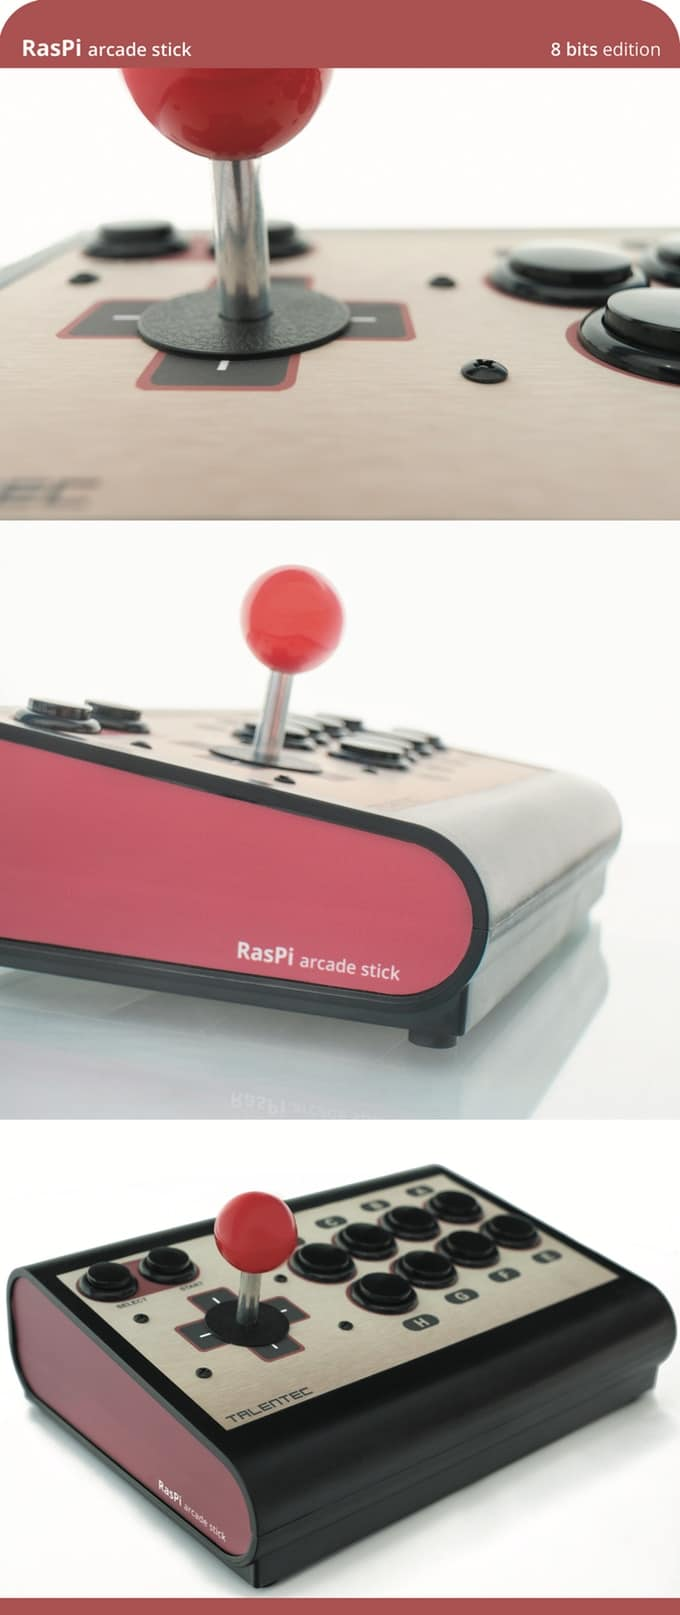 190502 TALENTEC RasPi arcade stick 8 bits edition